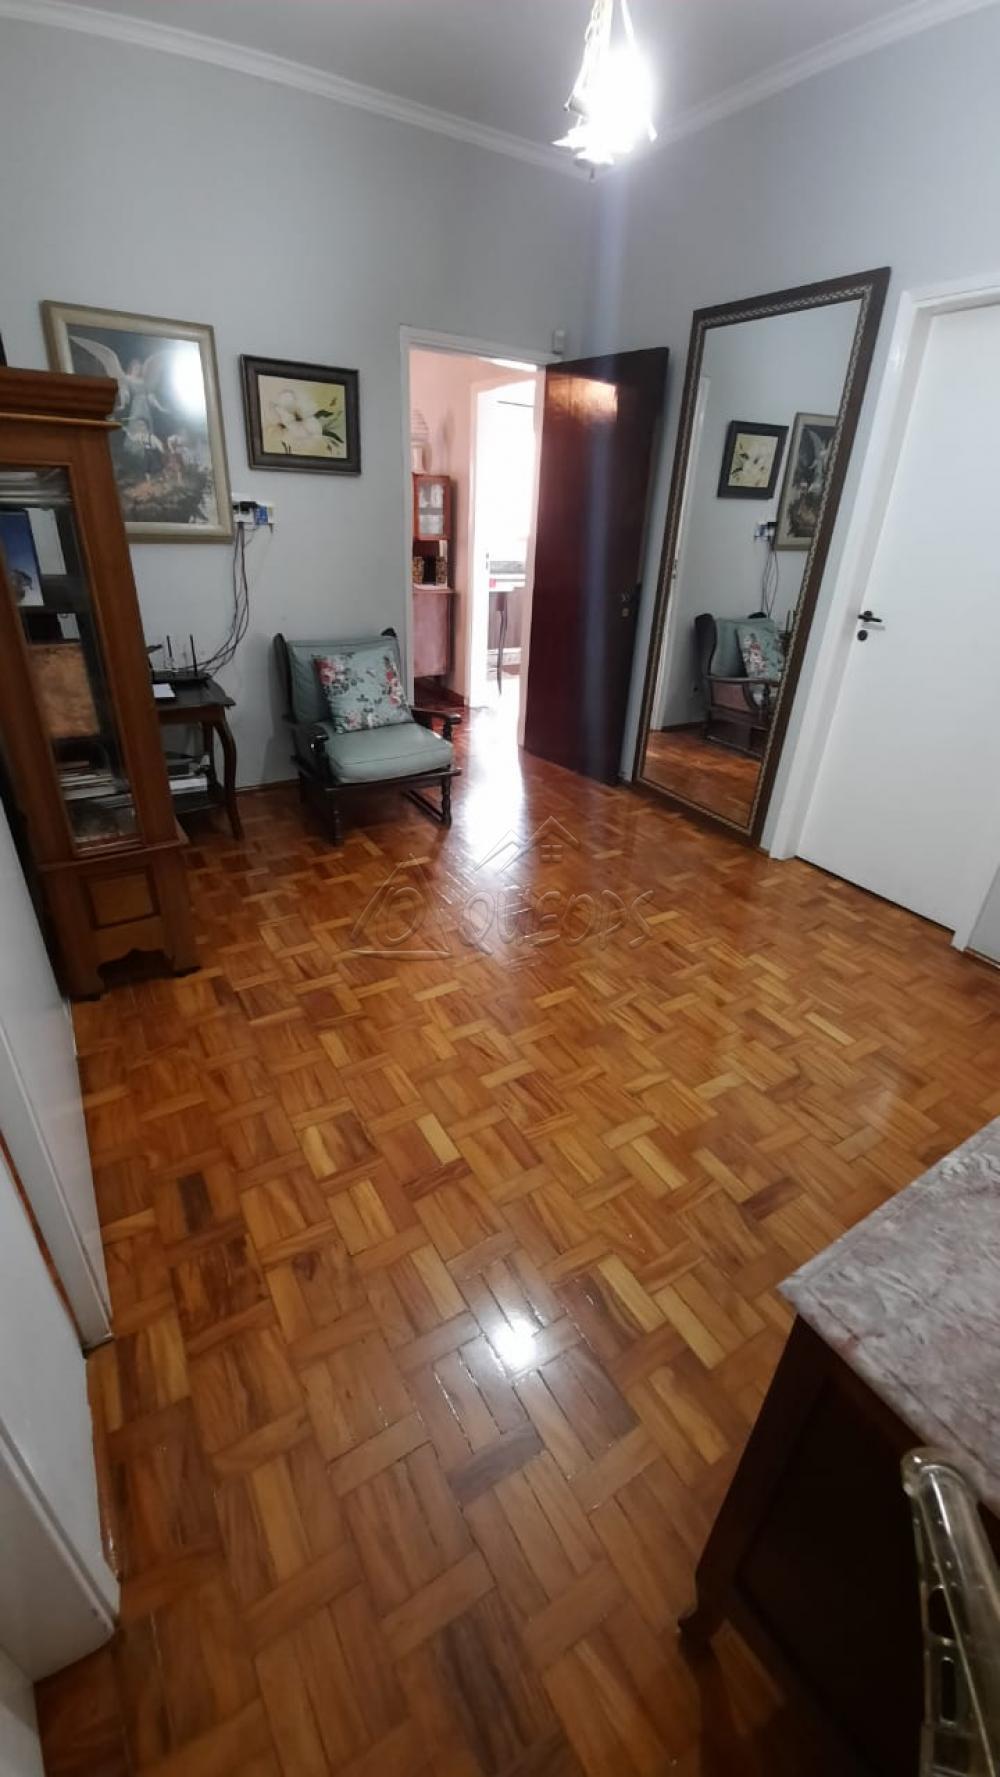 Comprar Casa / Padrão em Barretos apenas R$ 500.000,00 - Foto 15